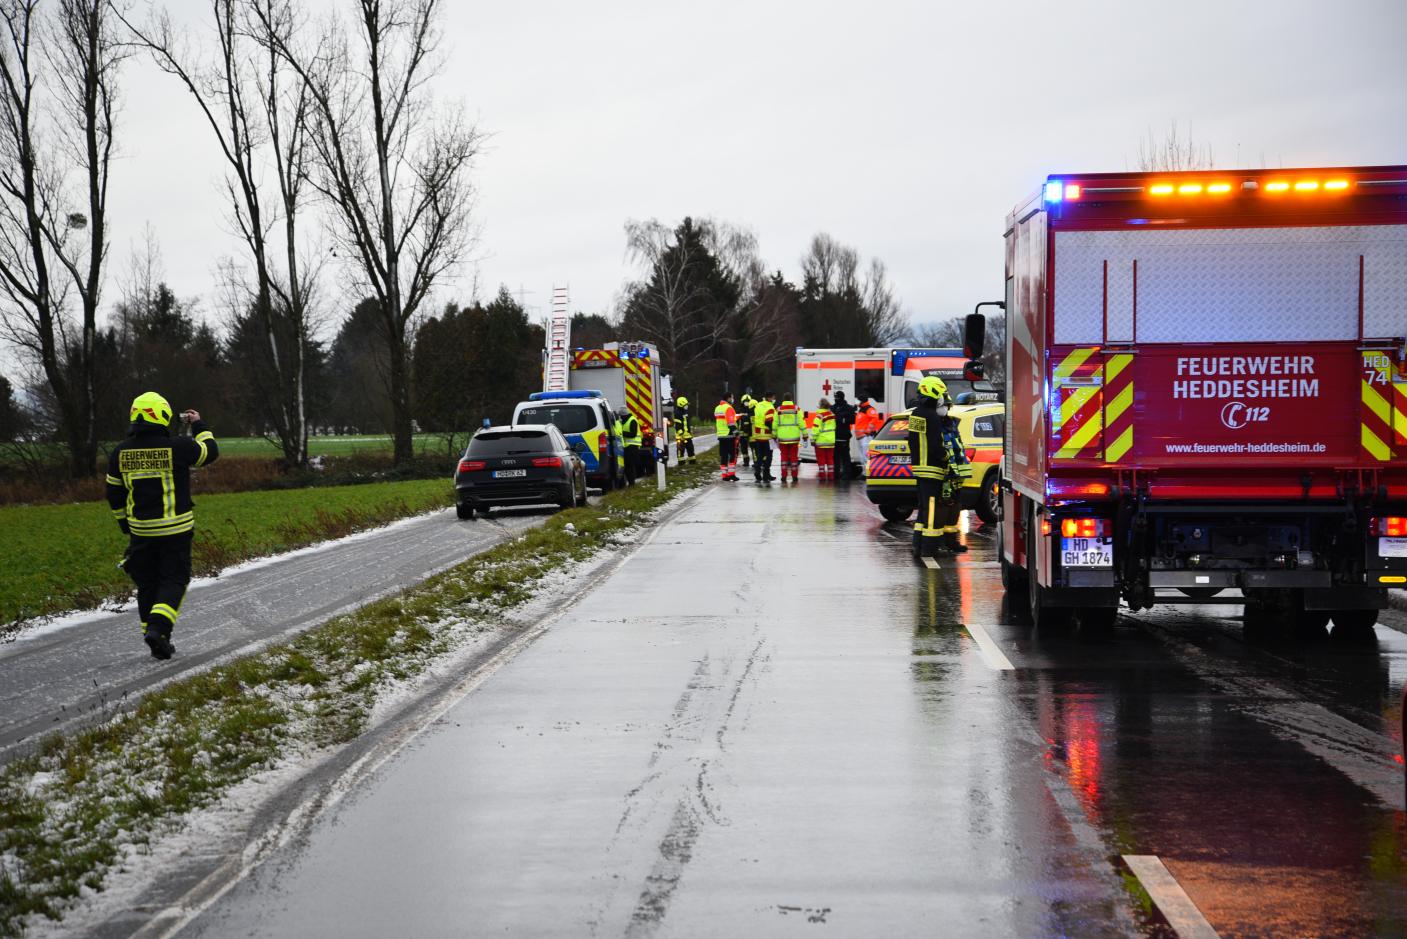 Heddesheim/Rhein-Neckar-Kreis: Auto überschlagen - fünf Verletzte - Vollsperrung Kreisstraße